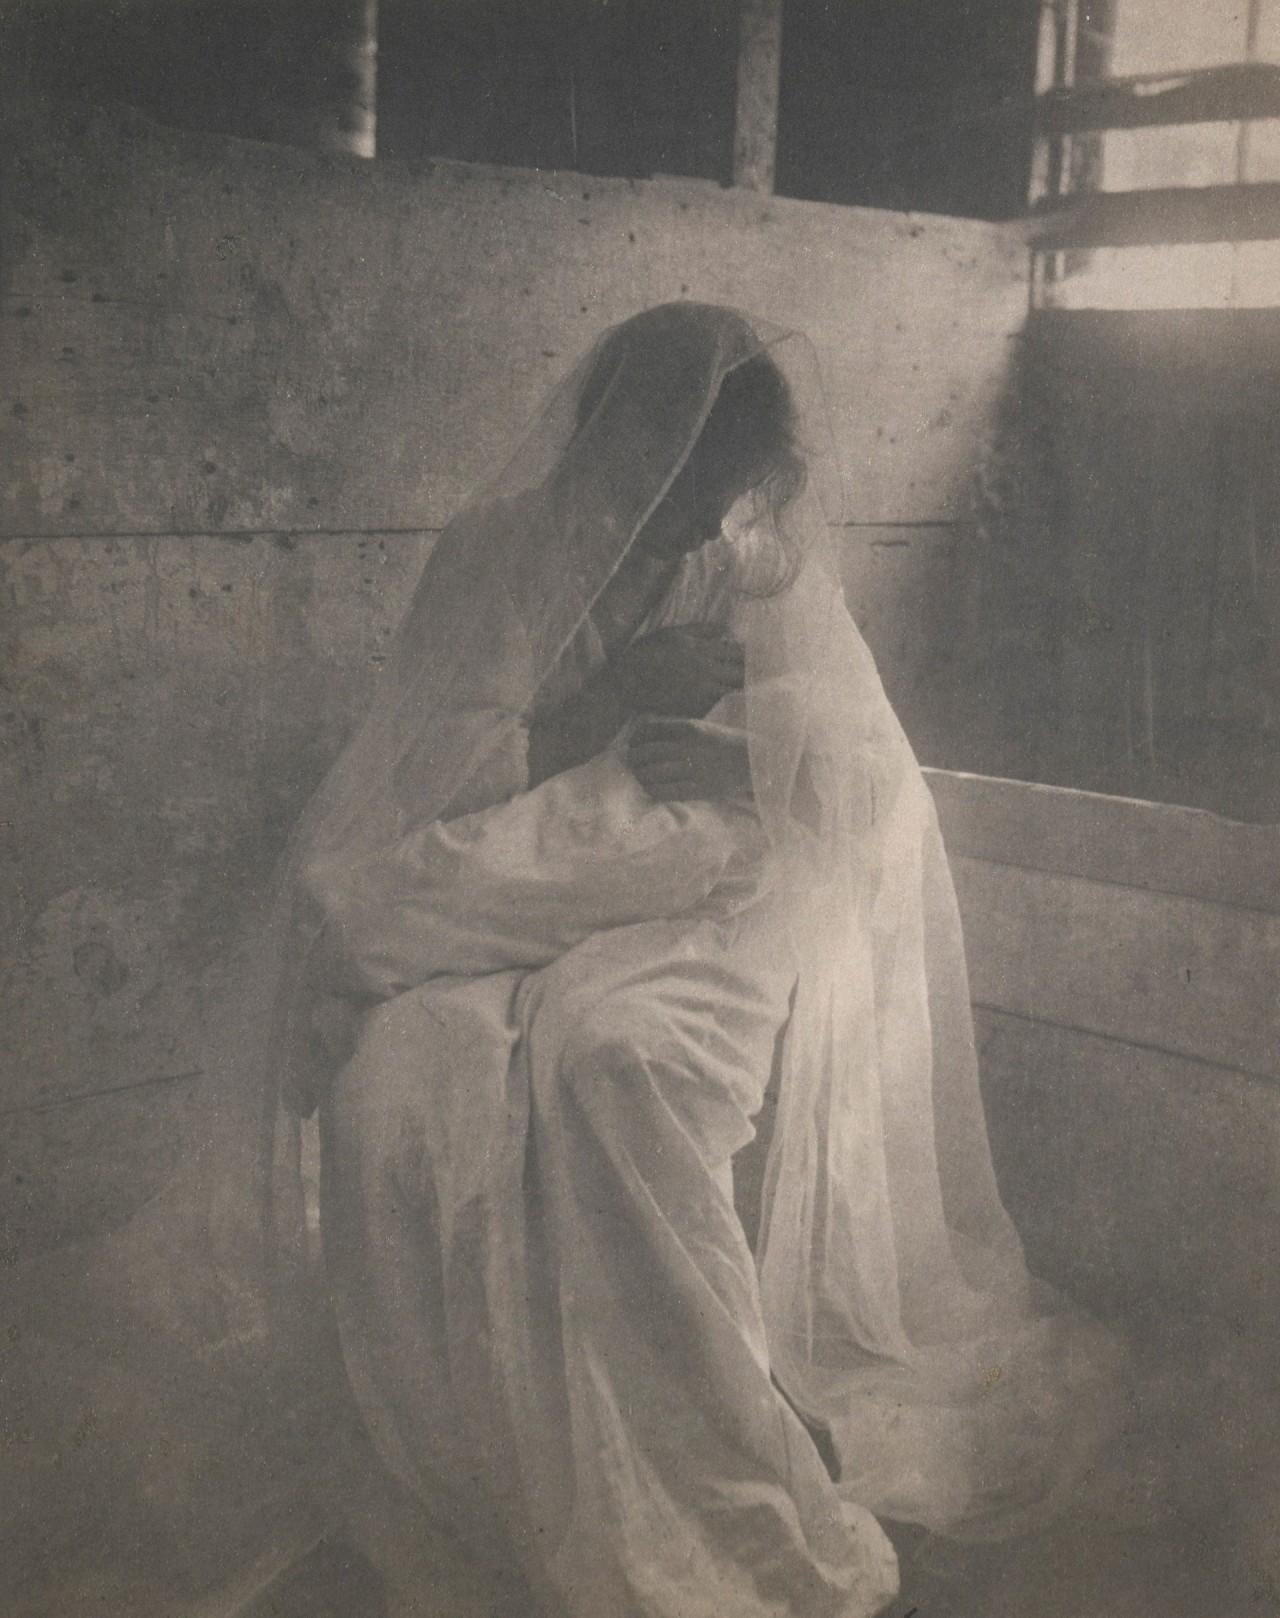 Ясли, 1899 год. Автор Гертруда Кезебир